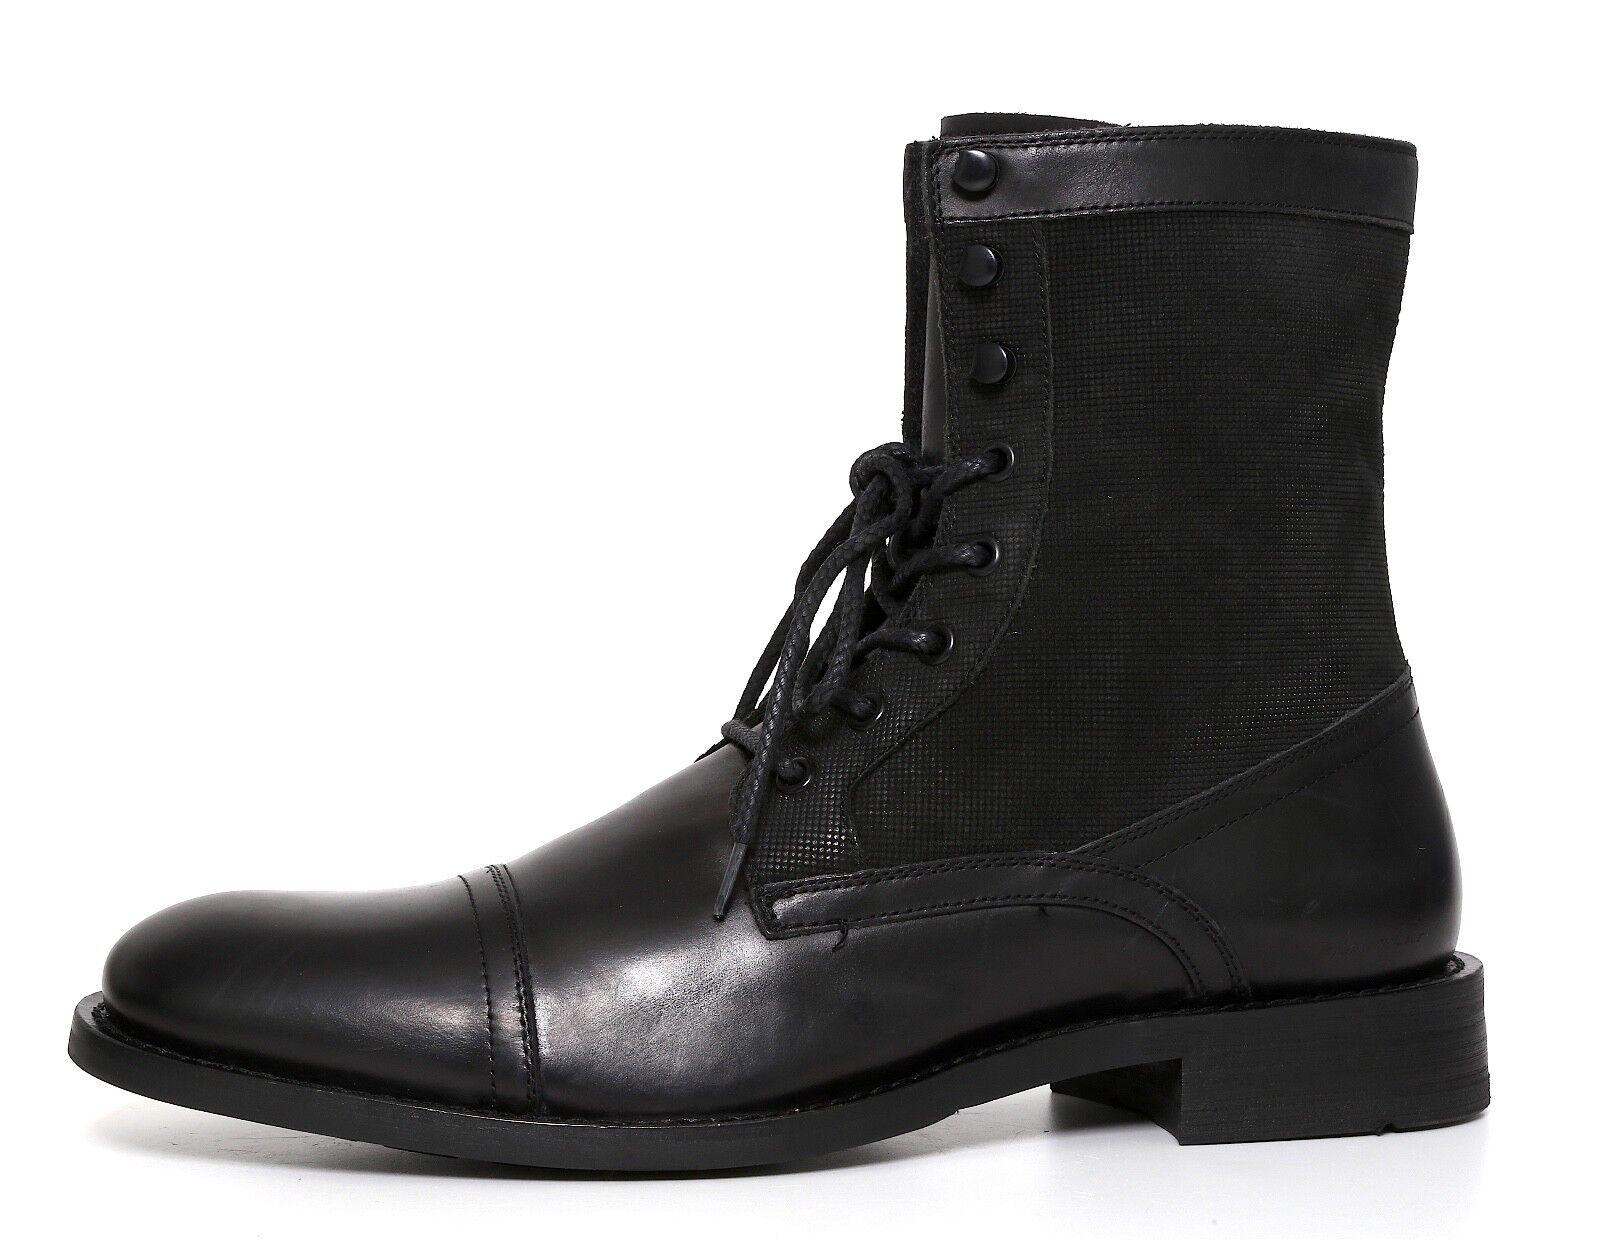 Kenneth Cole Don't Mind Me Leather Combat Boot Black Men Sz 12M 5008